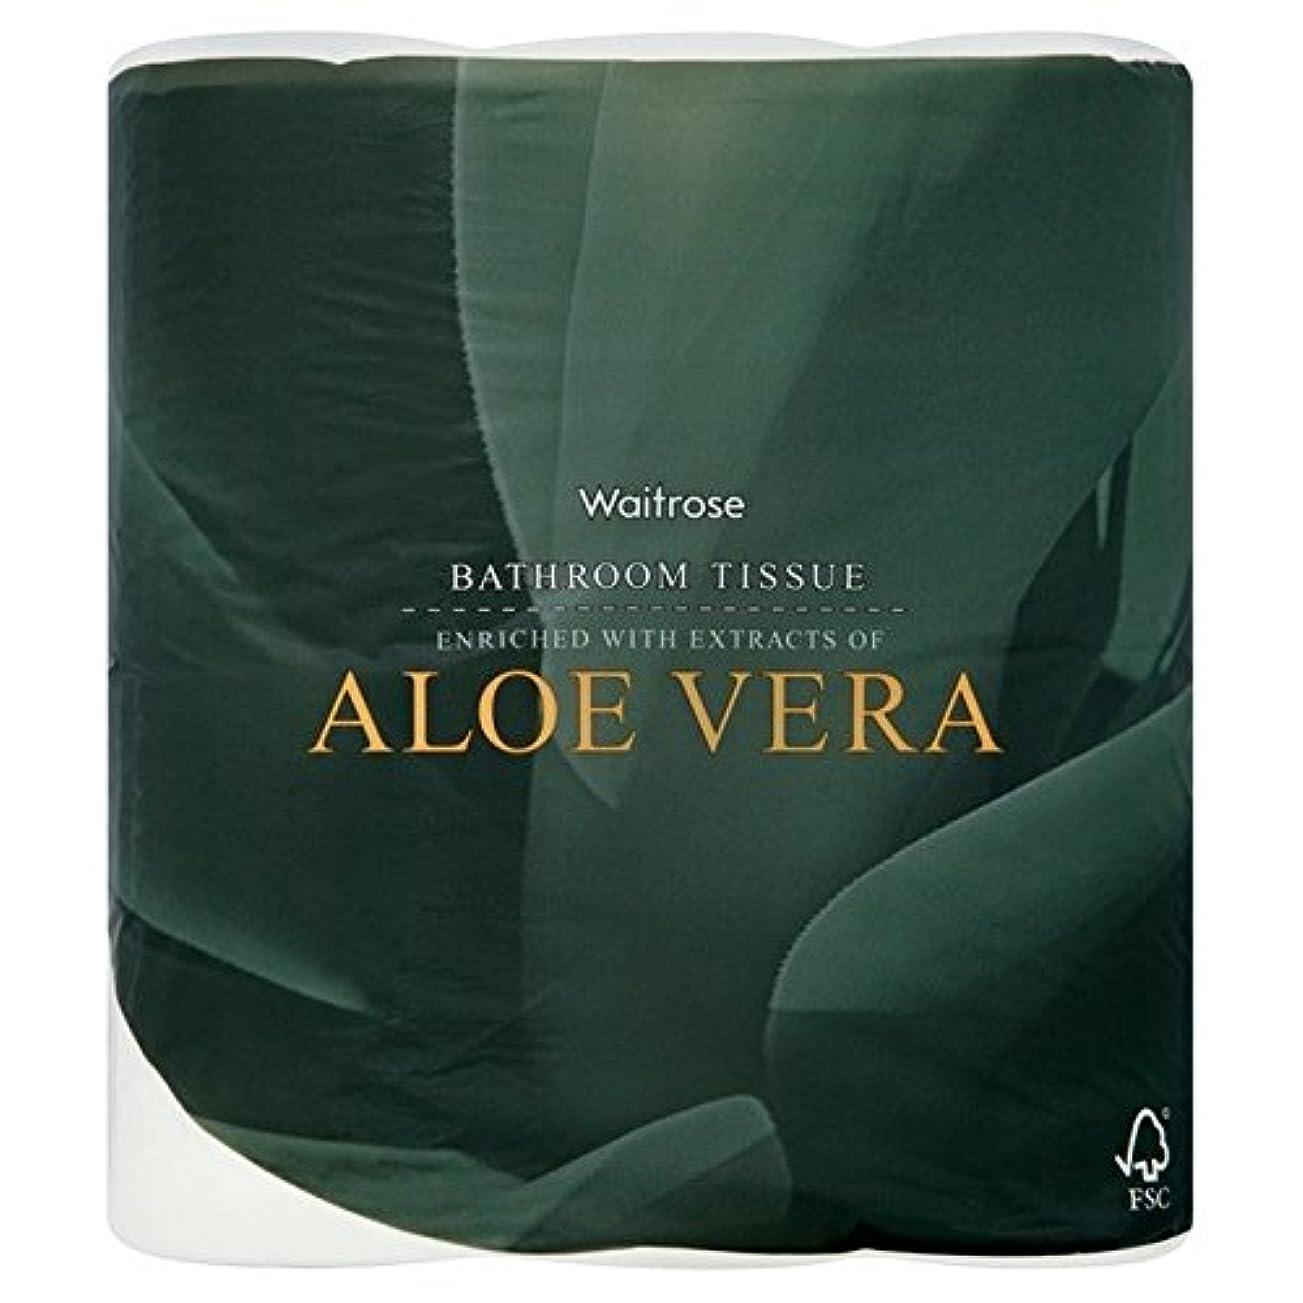 あえぎマーキング騒ぎAloe Vera Bathroom Tissue White Waitrose 4 per pack (Pack of 6) - パックあたりアロエベラ浴室組織白ウェイトローズ4 x6 [並行輸入品]